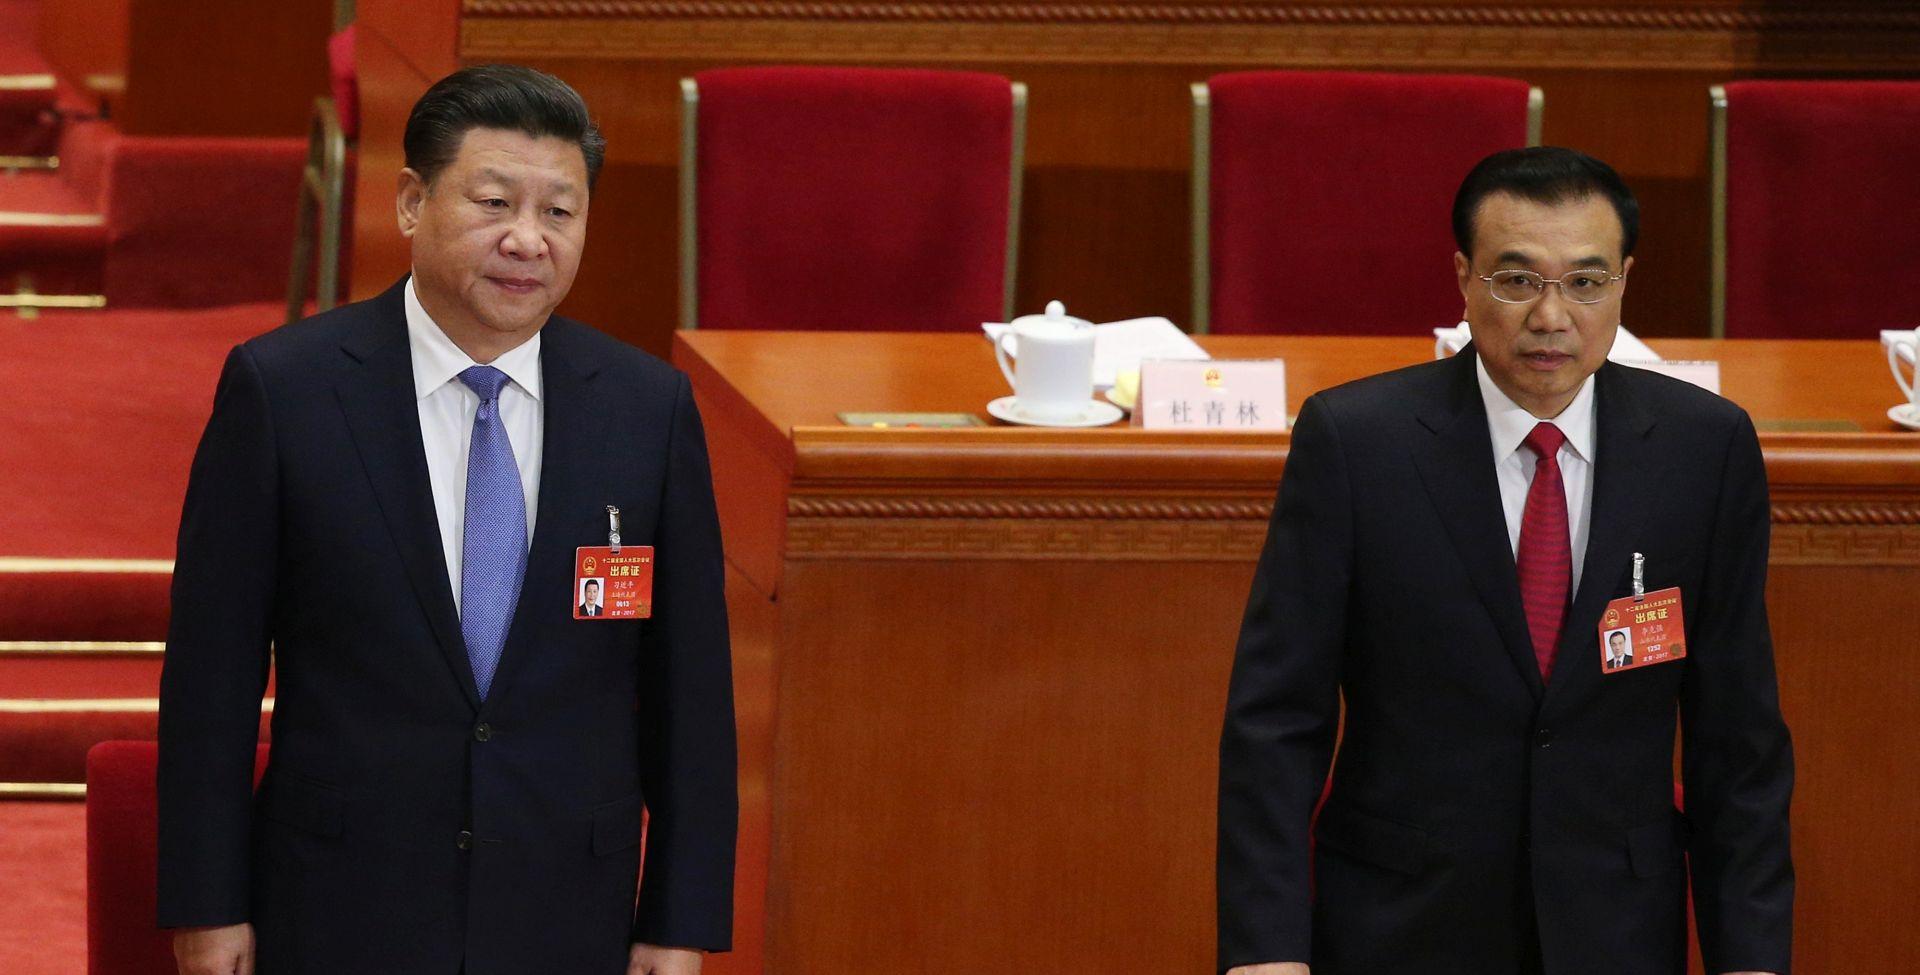 Kina najavila rast od 6,5 posto ove godin